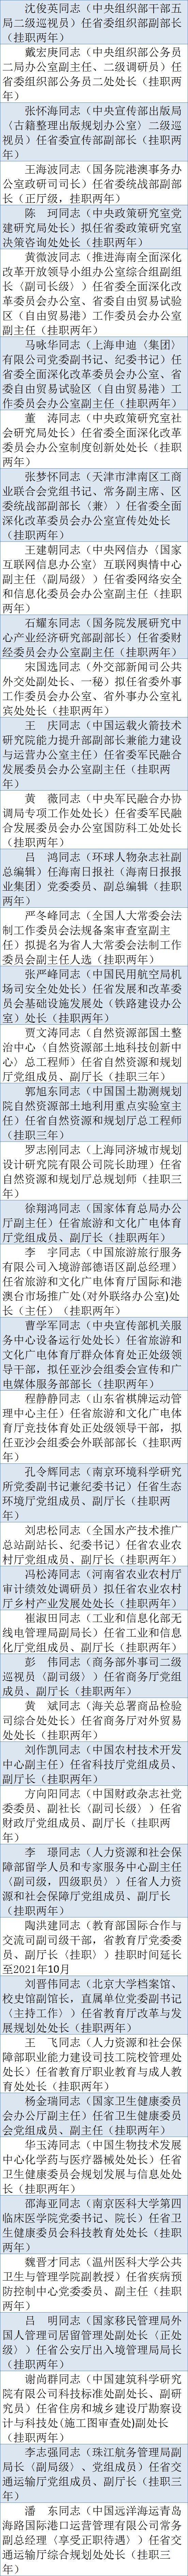 「微信公众平台现金红包」环球时报社评:民意不可违 中美磋商还须务实前行